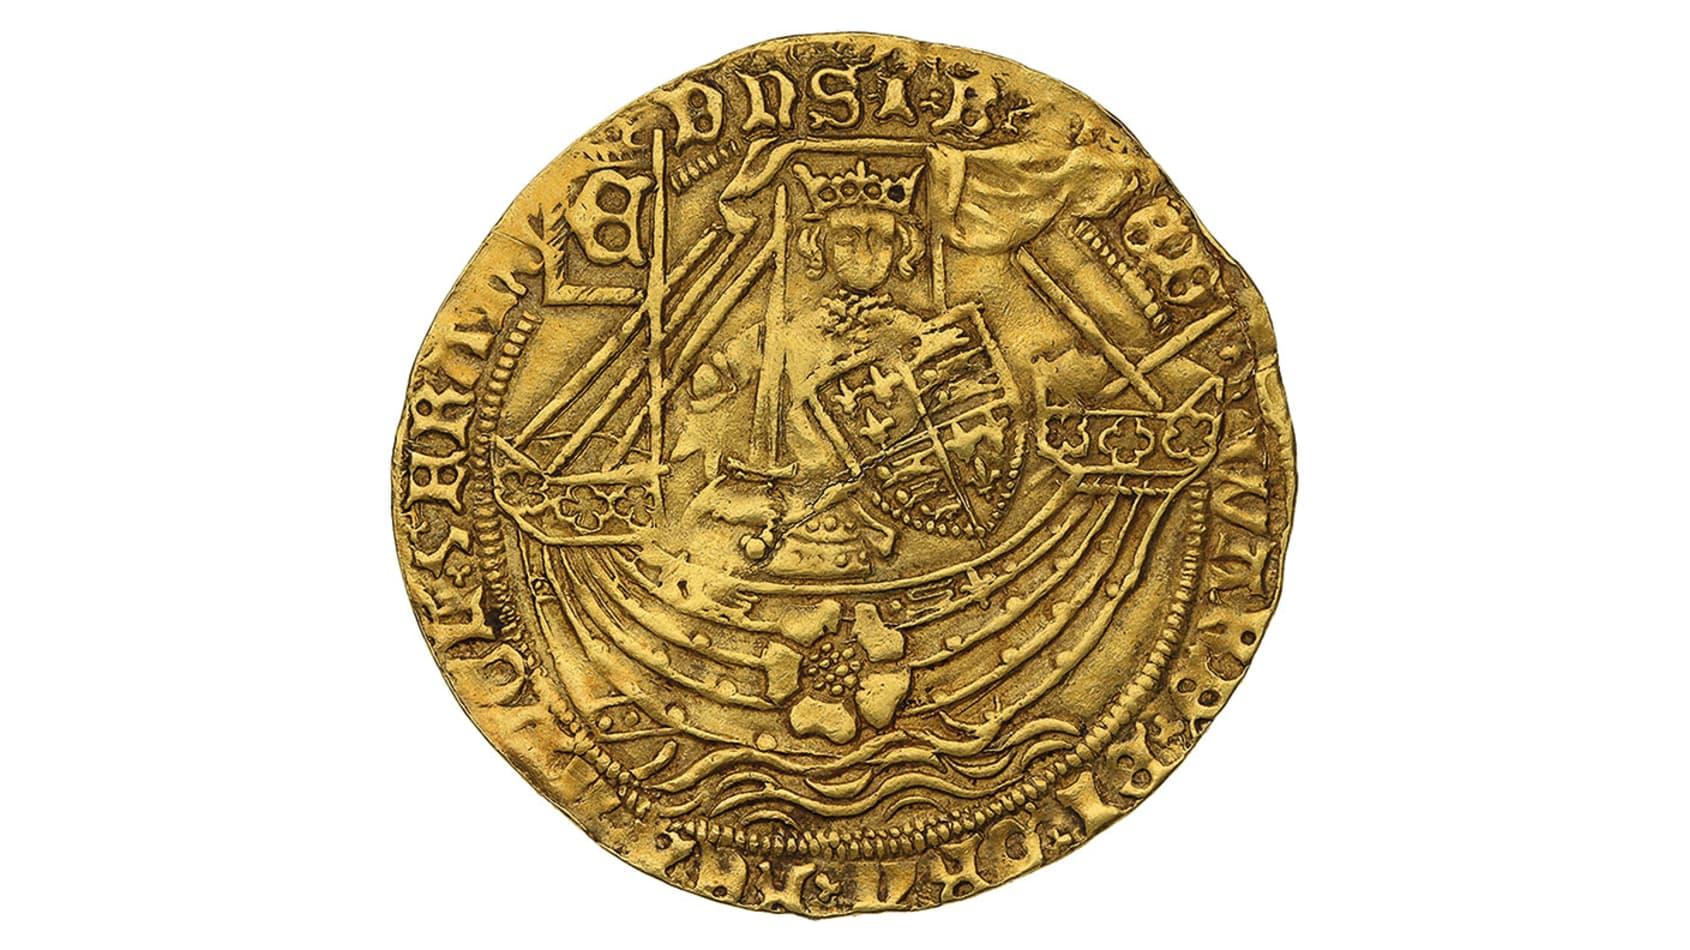 Comprar Monedas de Oro - ¿Por qué deberías hacerlo?